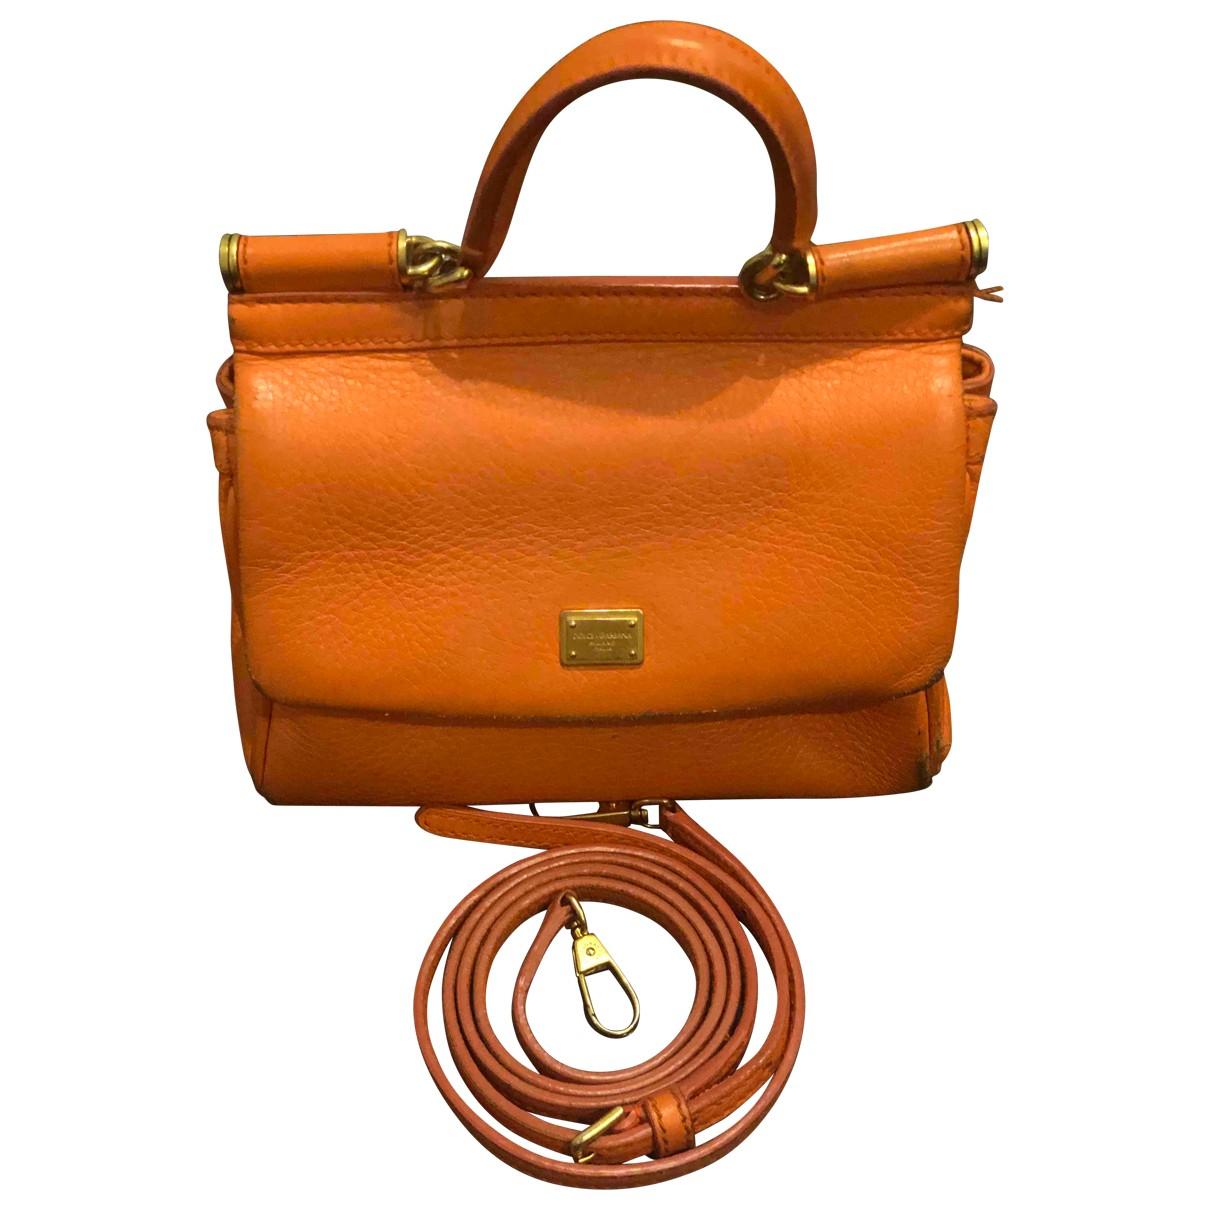 Dolce & Gabbana - Pochette Sicily pour femme en cuir - orange